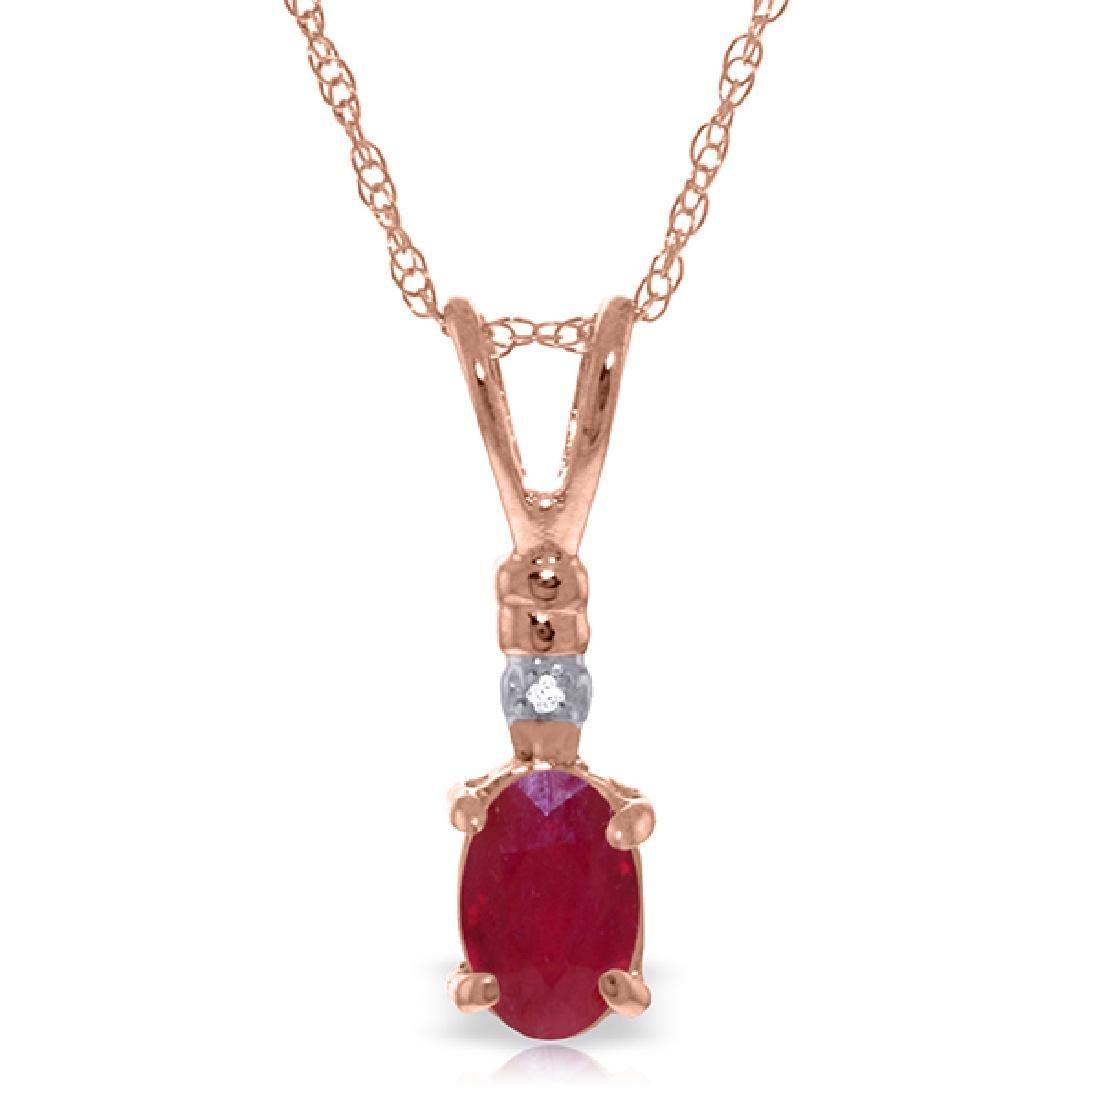 Genuine 0.46 ctw Ruby & Diamond Necklace Jewelry 14KT